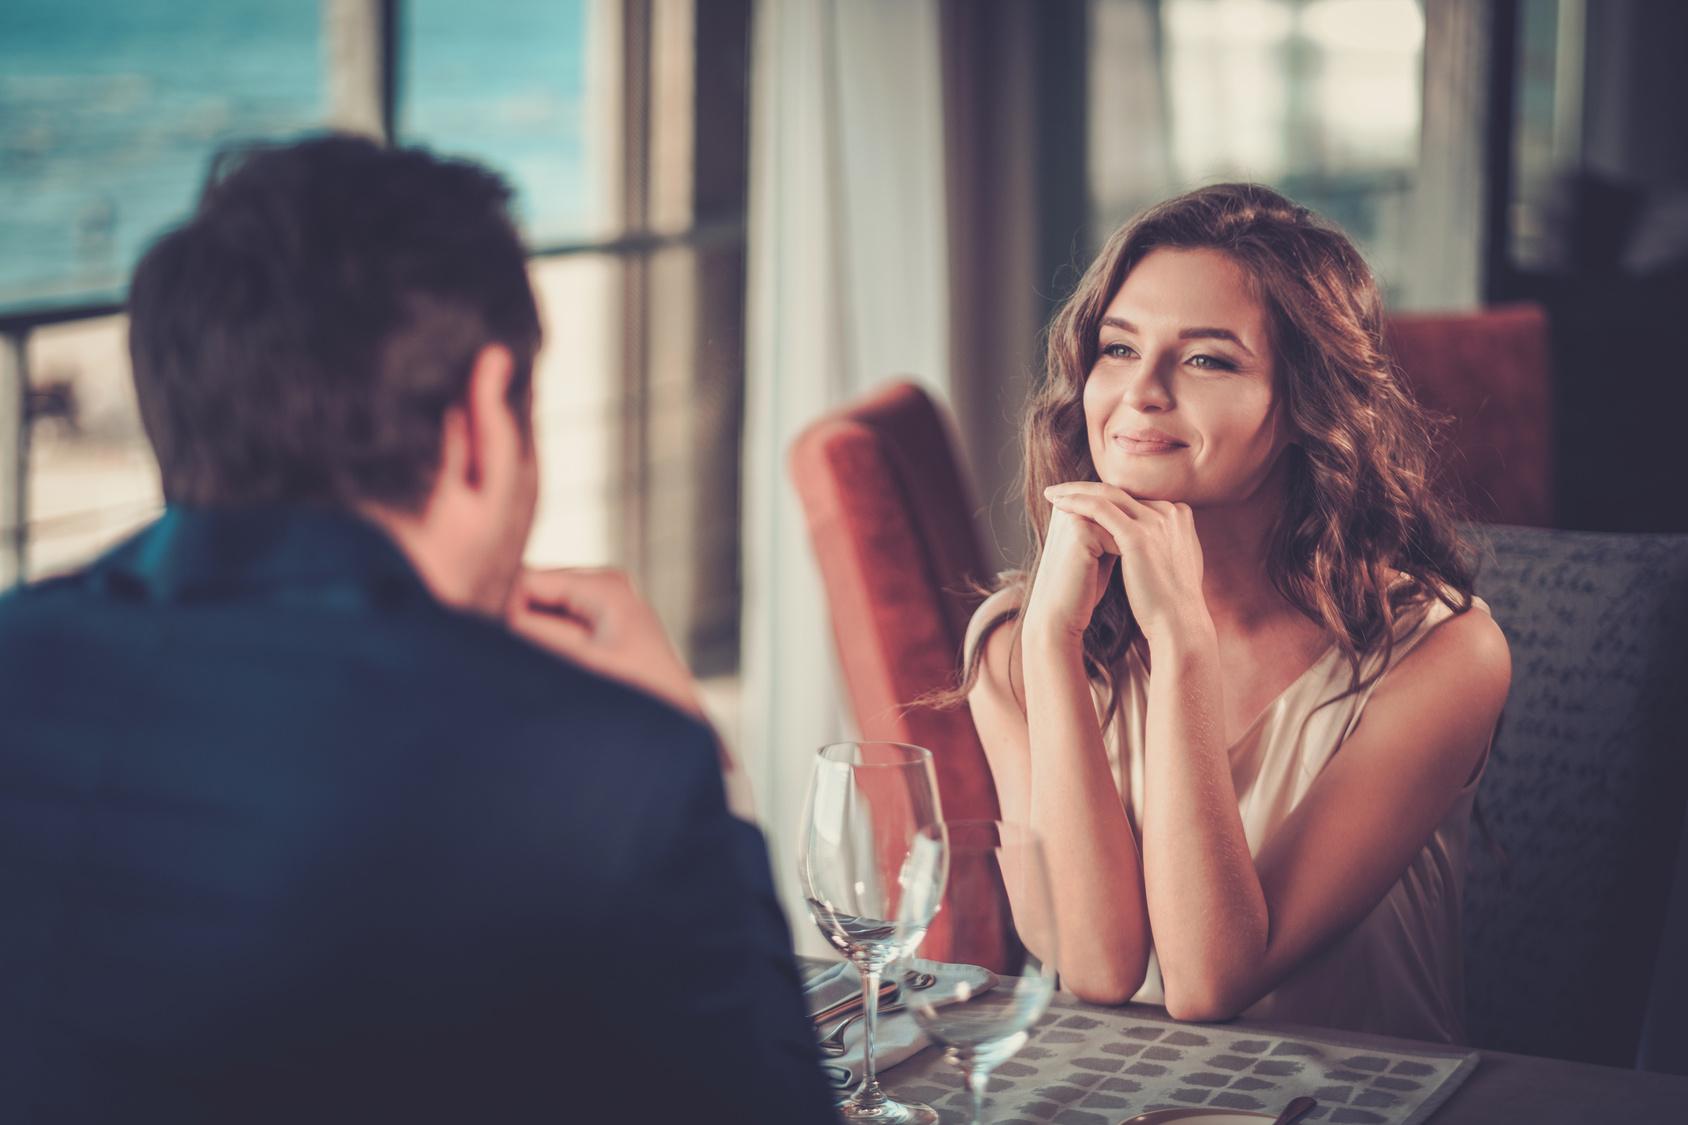 Nsa na serwisach randkowych